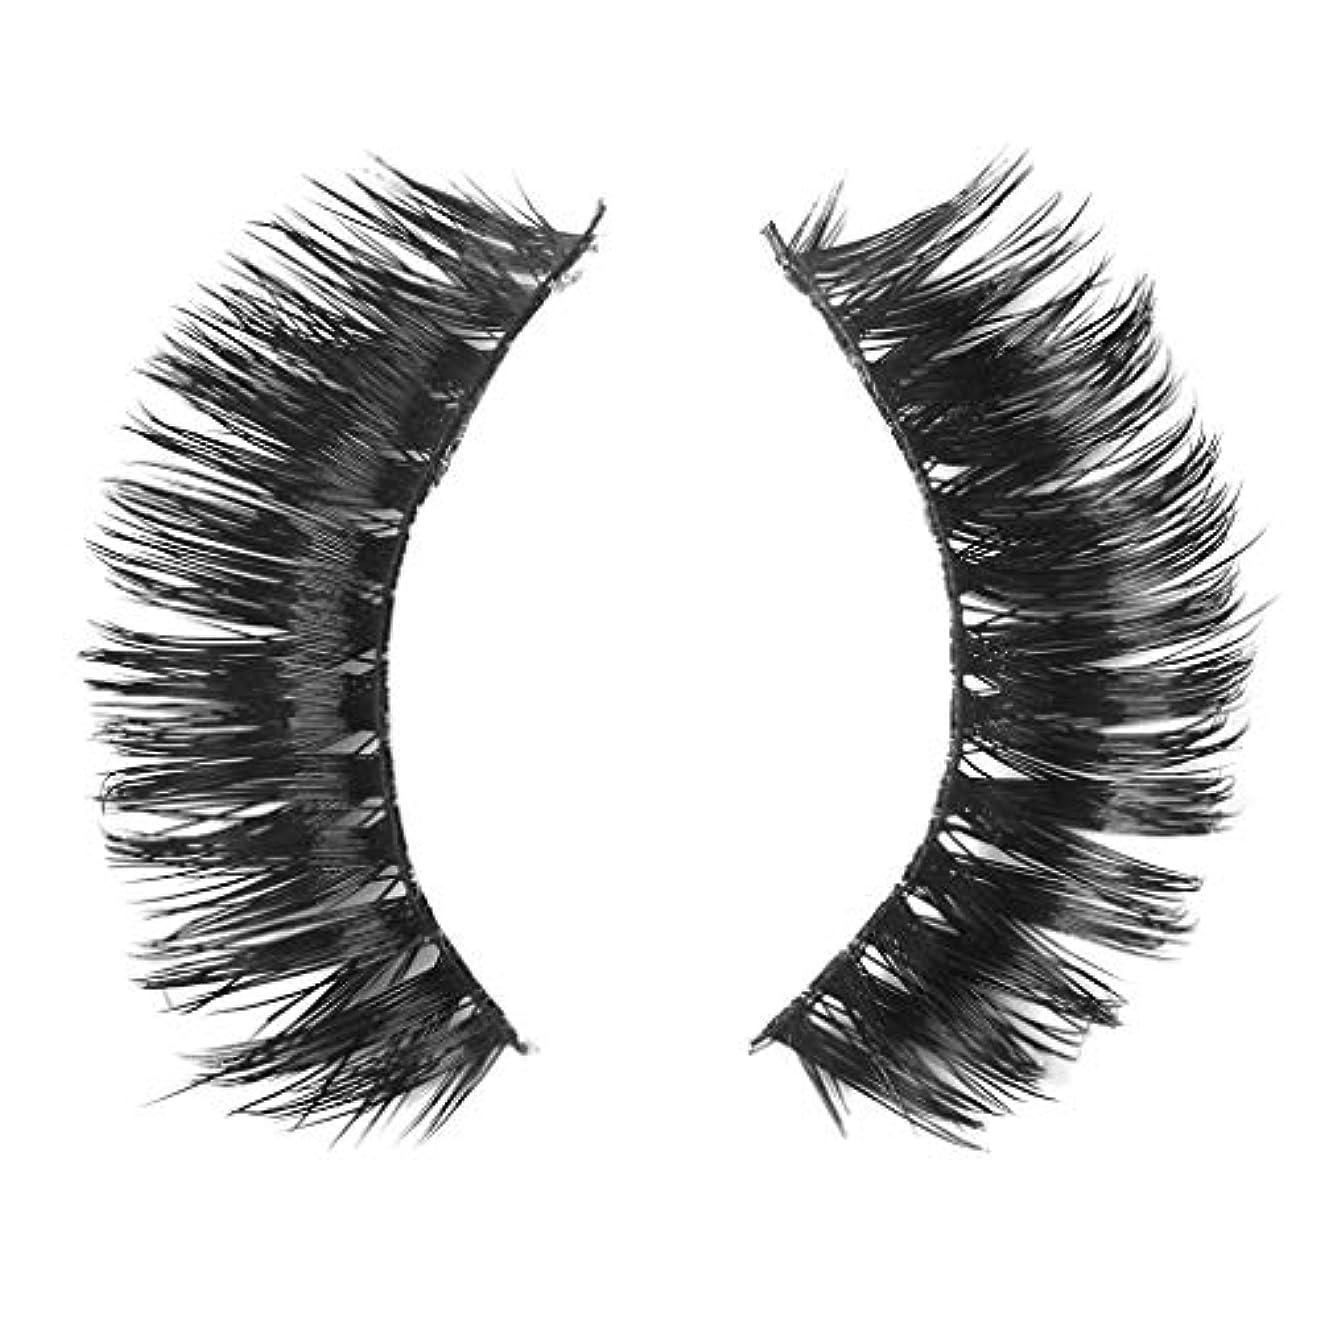 魅力天国エンジニアミンクの毛の自然な厚くなる化粧品の3D版のための一組のまつげ